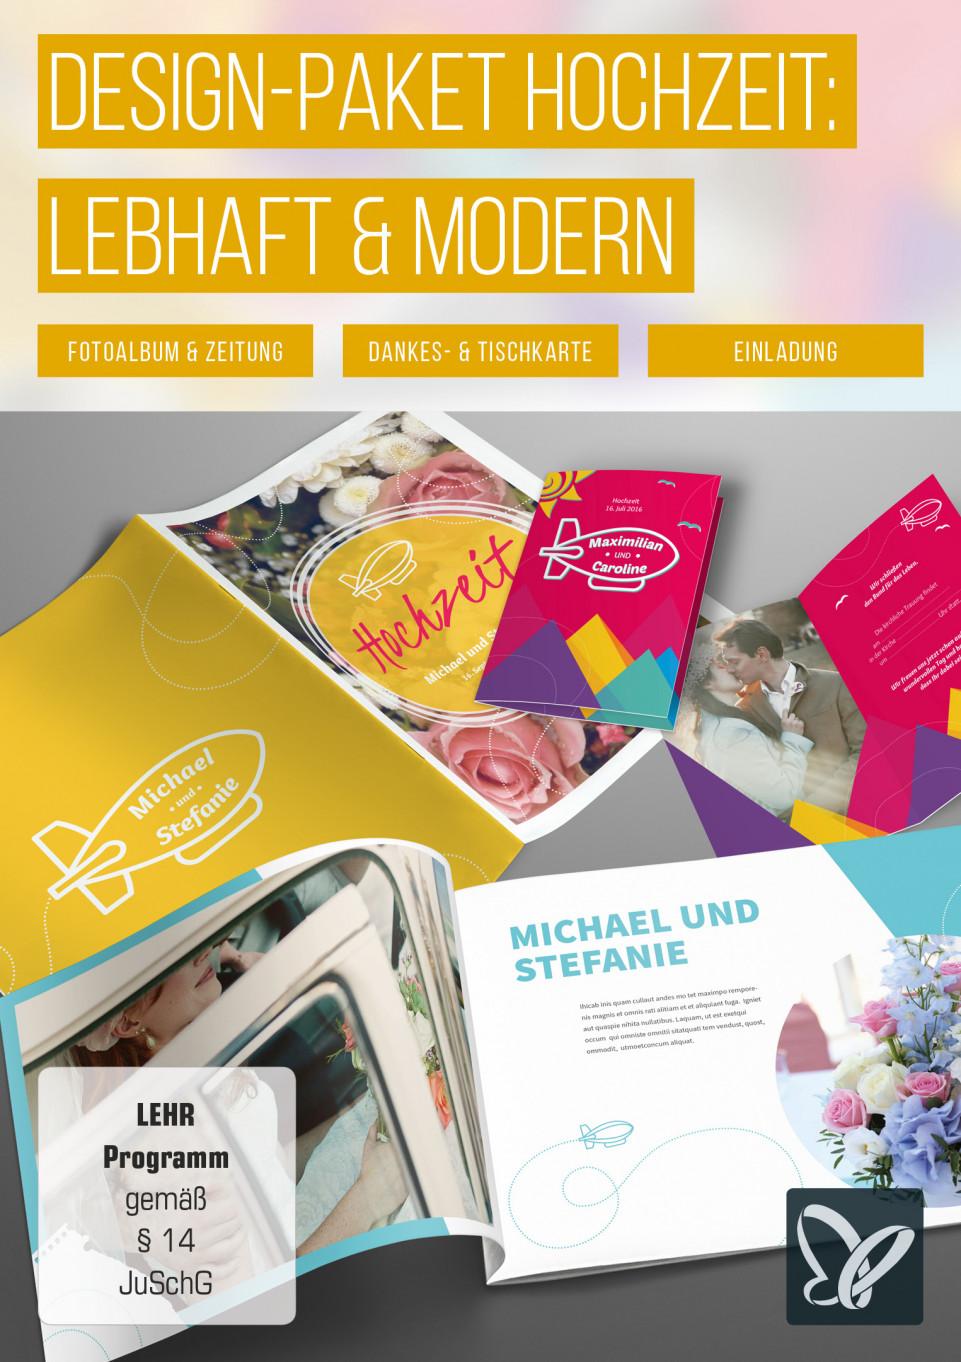 Design-Paket für die perfekte Hochzeit: lebhaft & modern